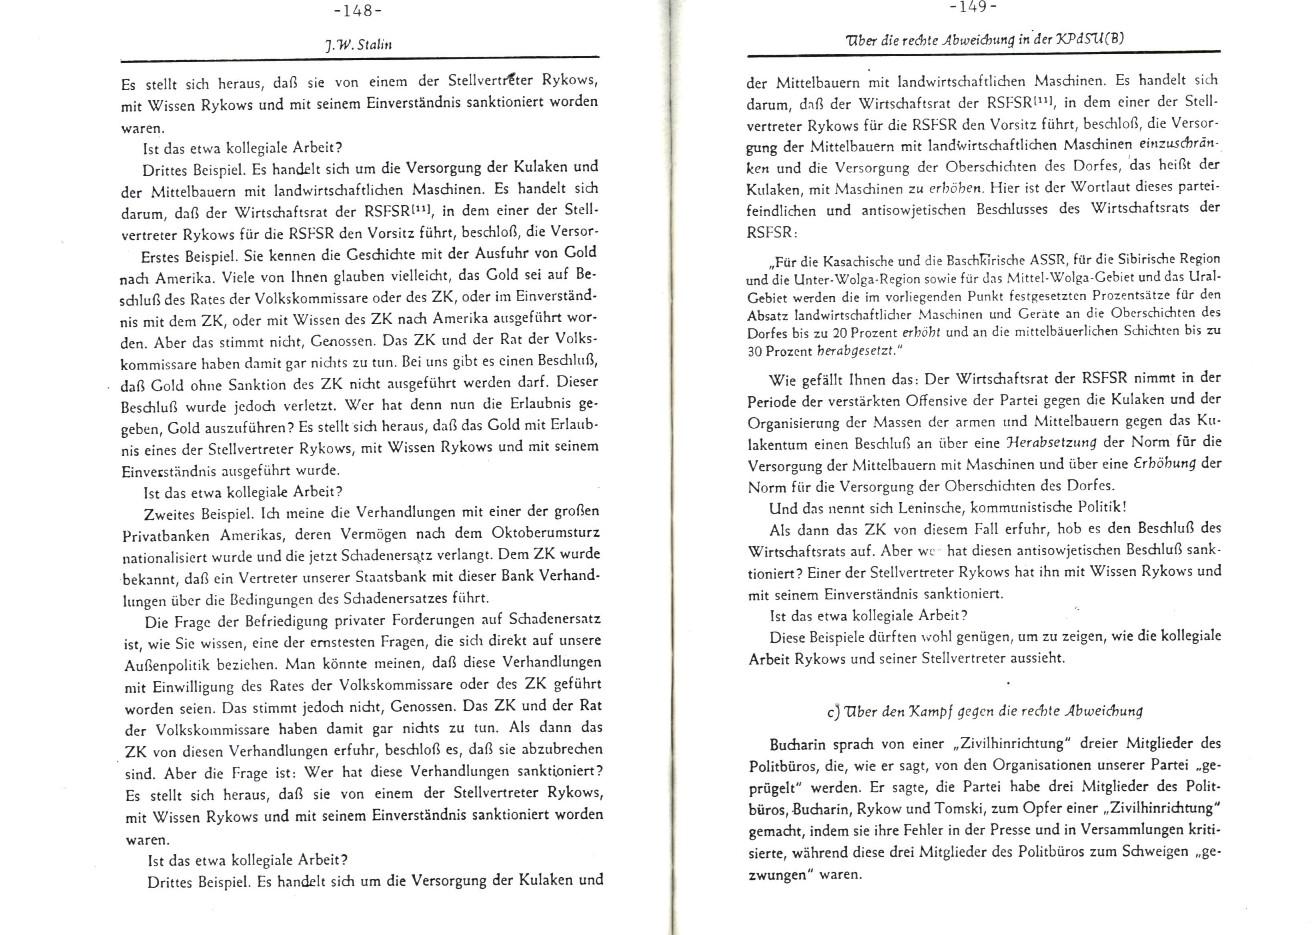 MLSK_Theorie_und_Praxis_des_ML_1979_25_75